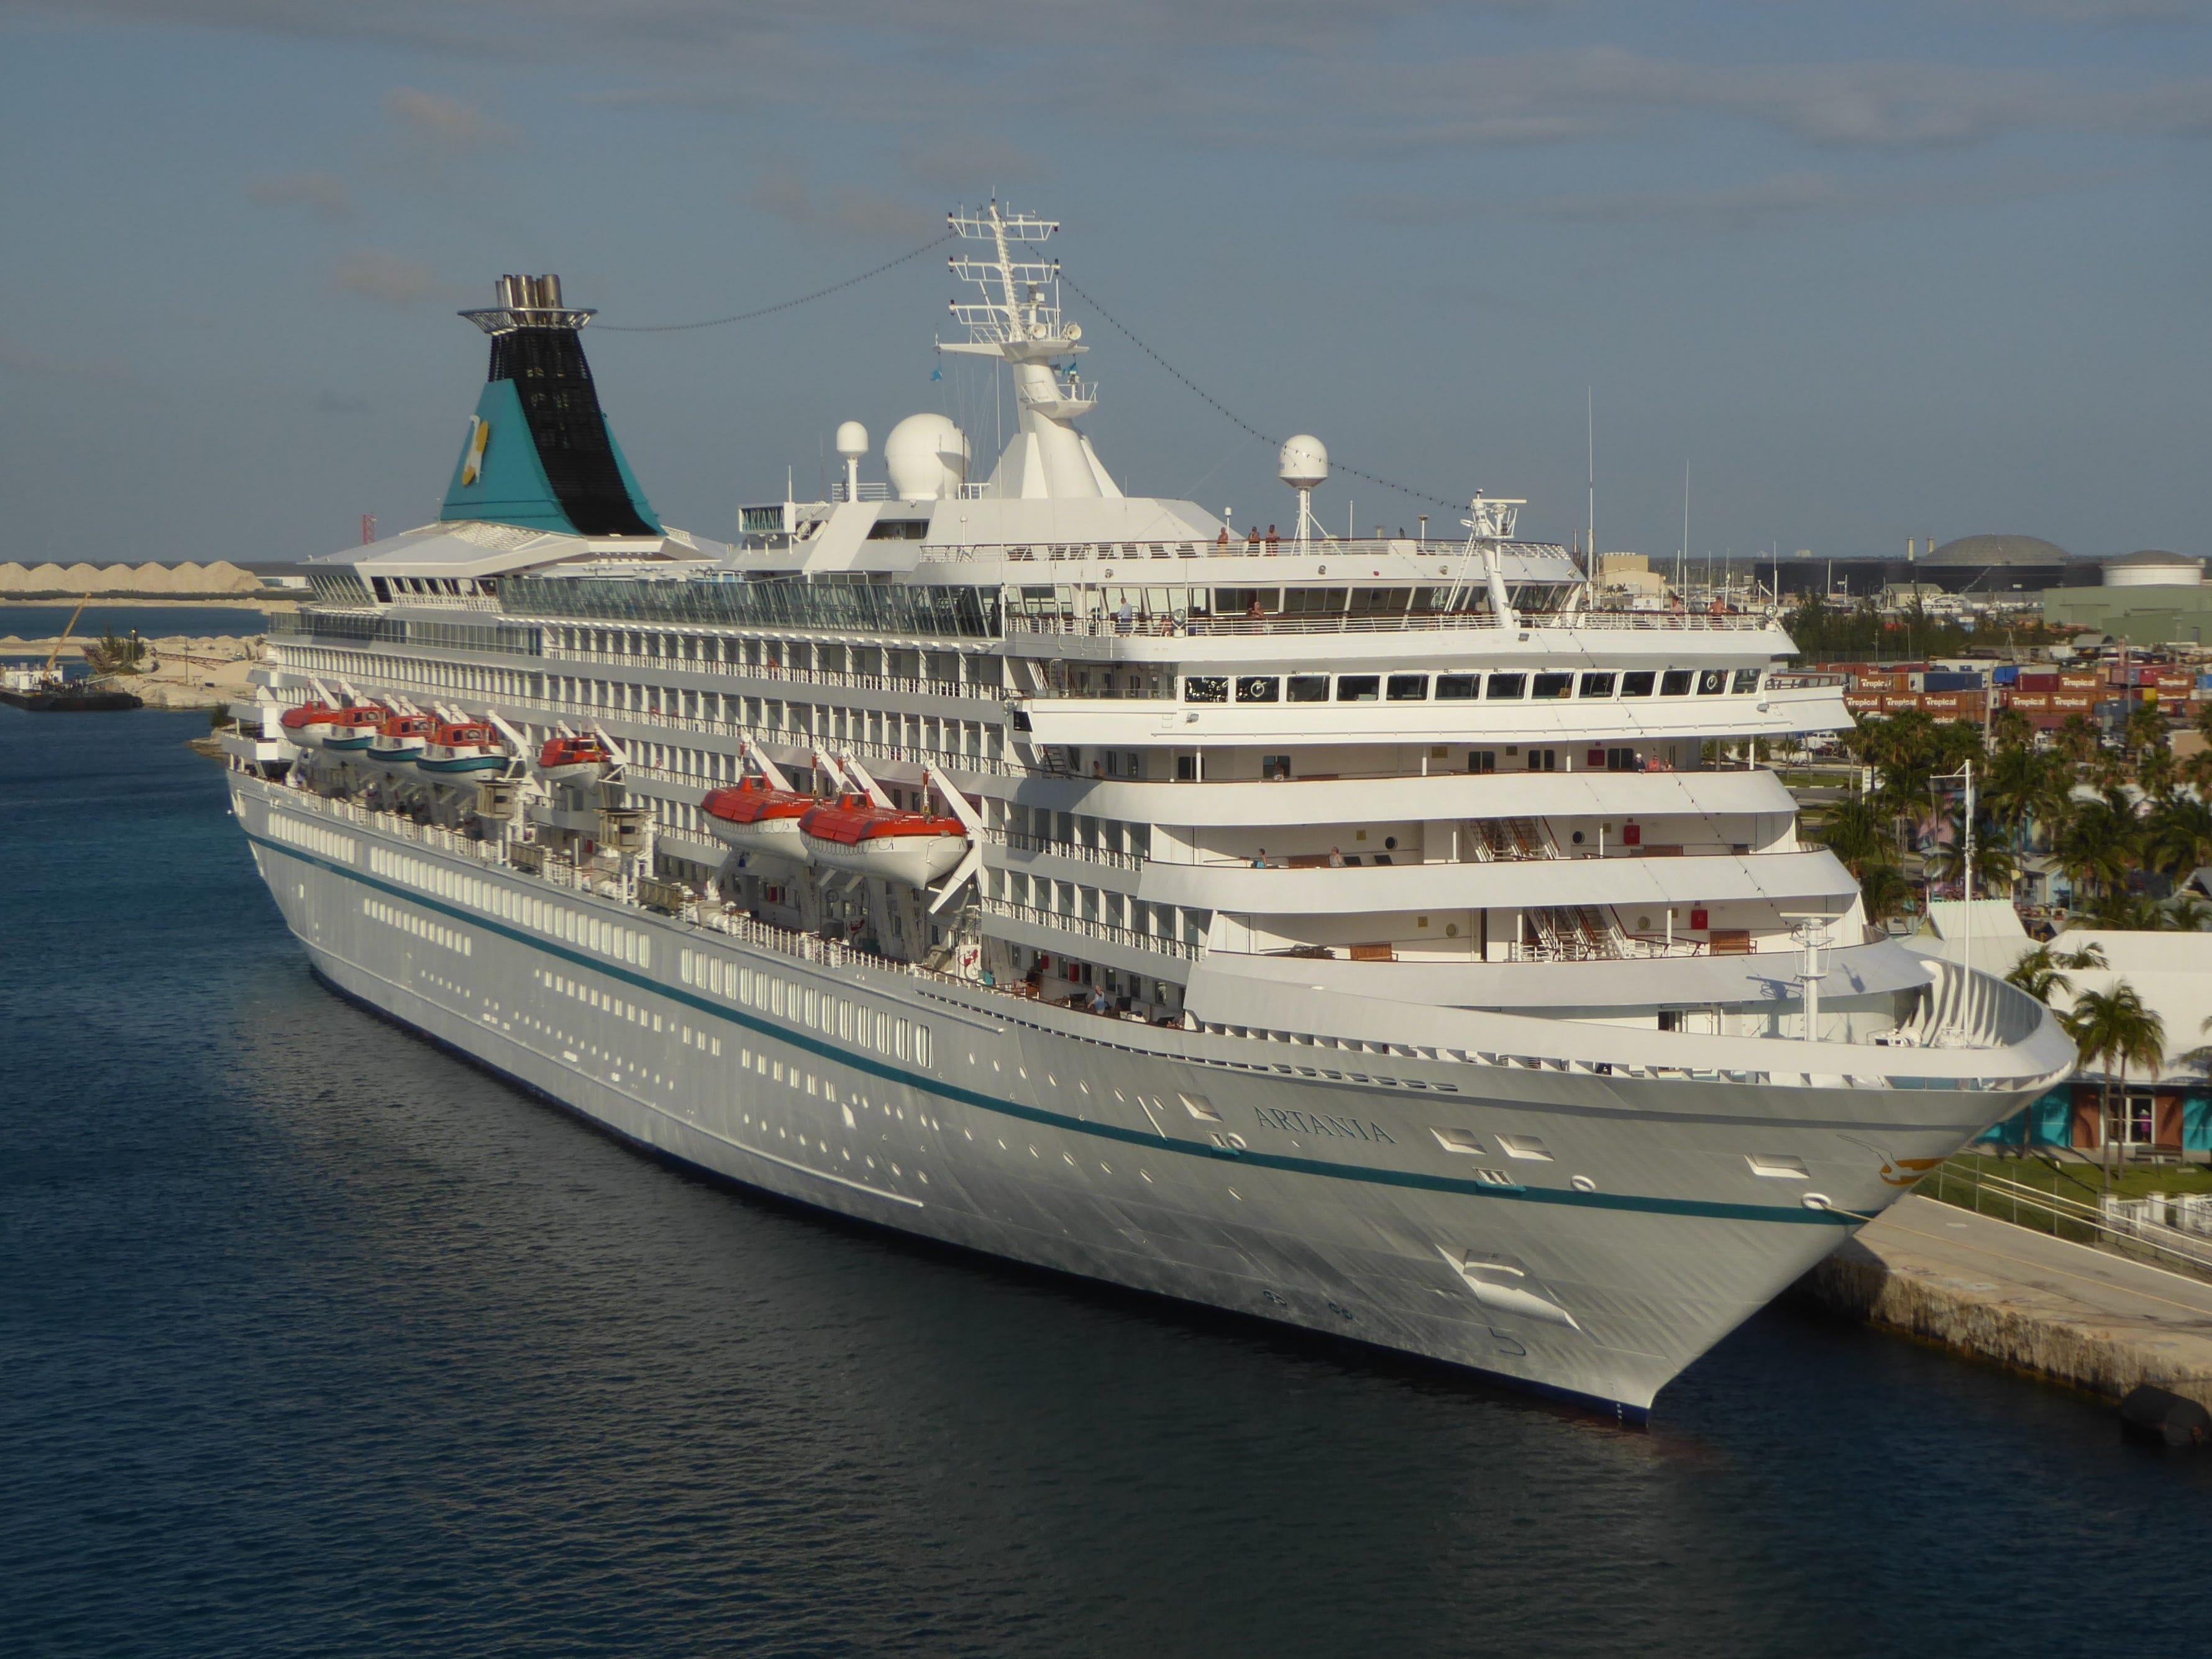 Cruise ship tour: Phoenix Reisen's Artania